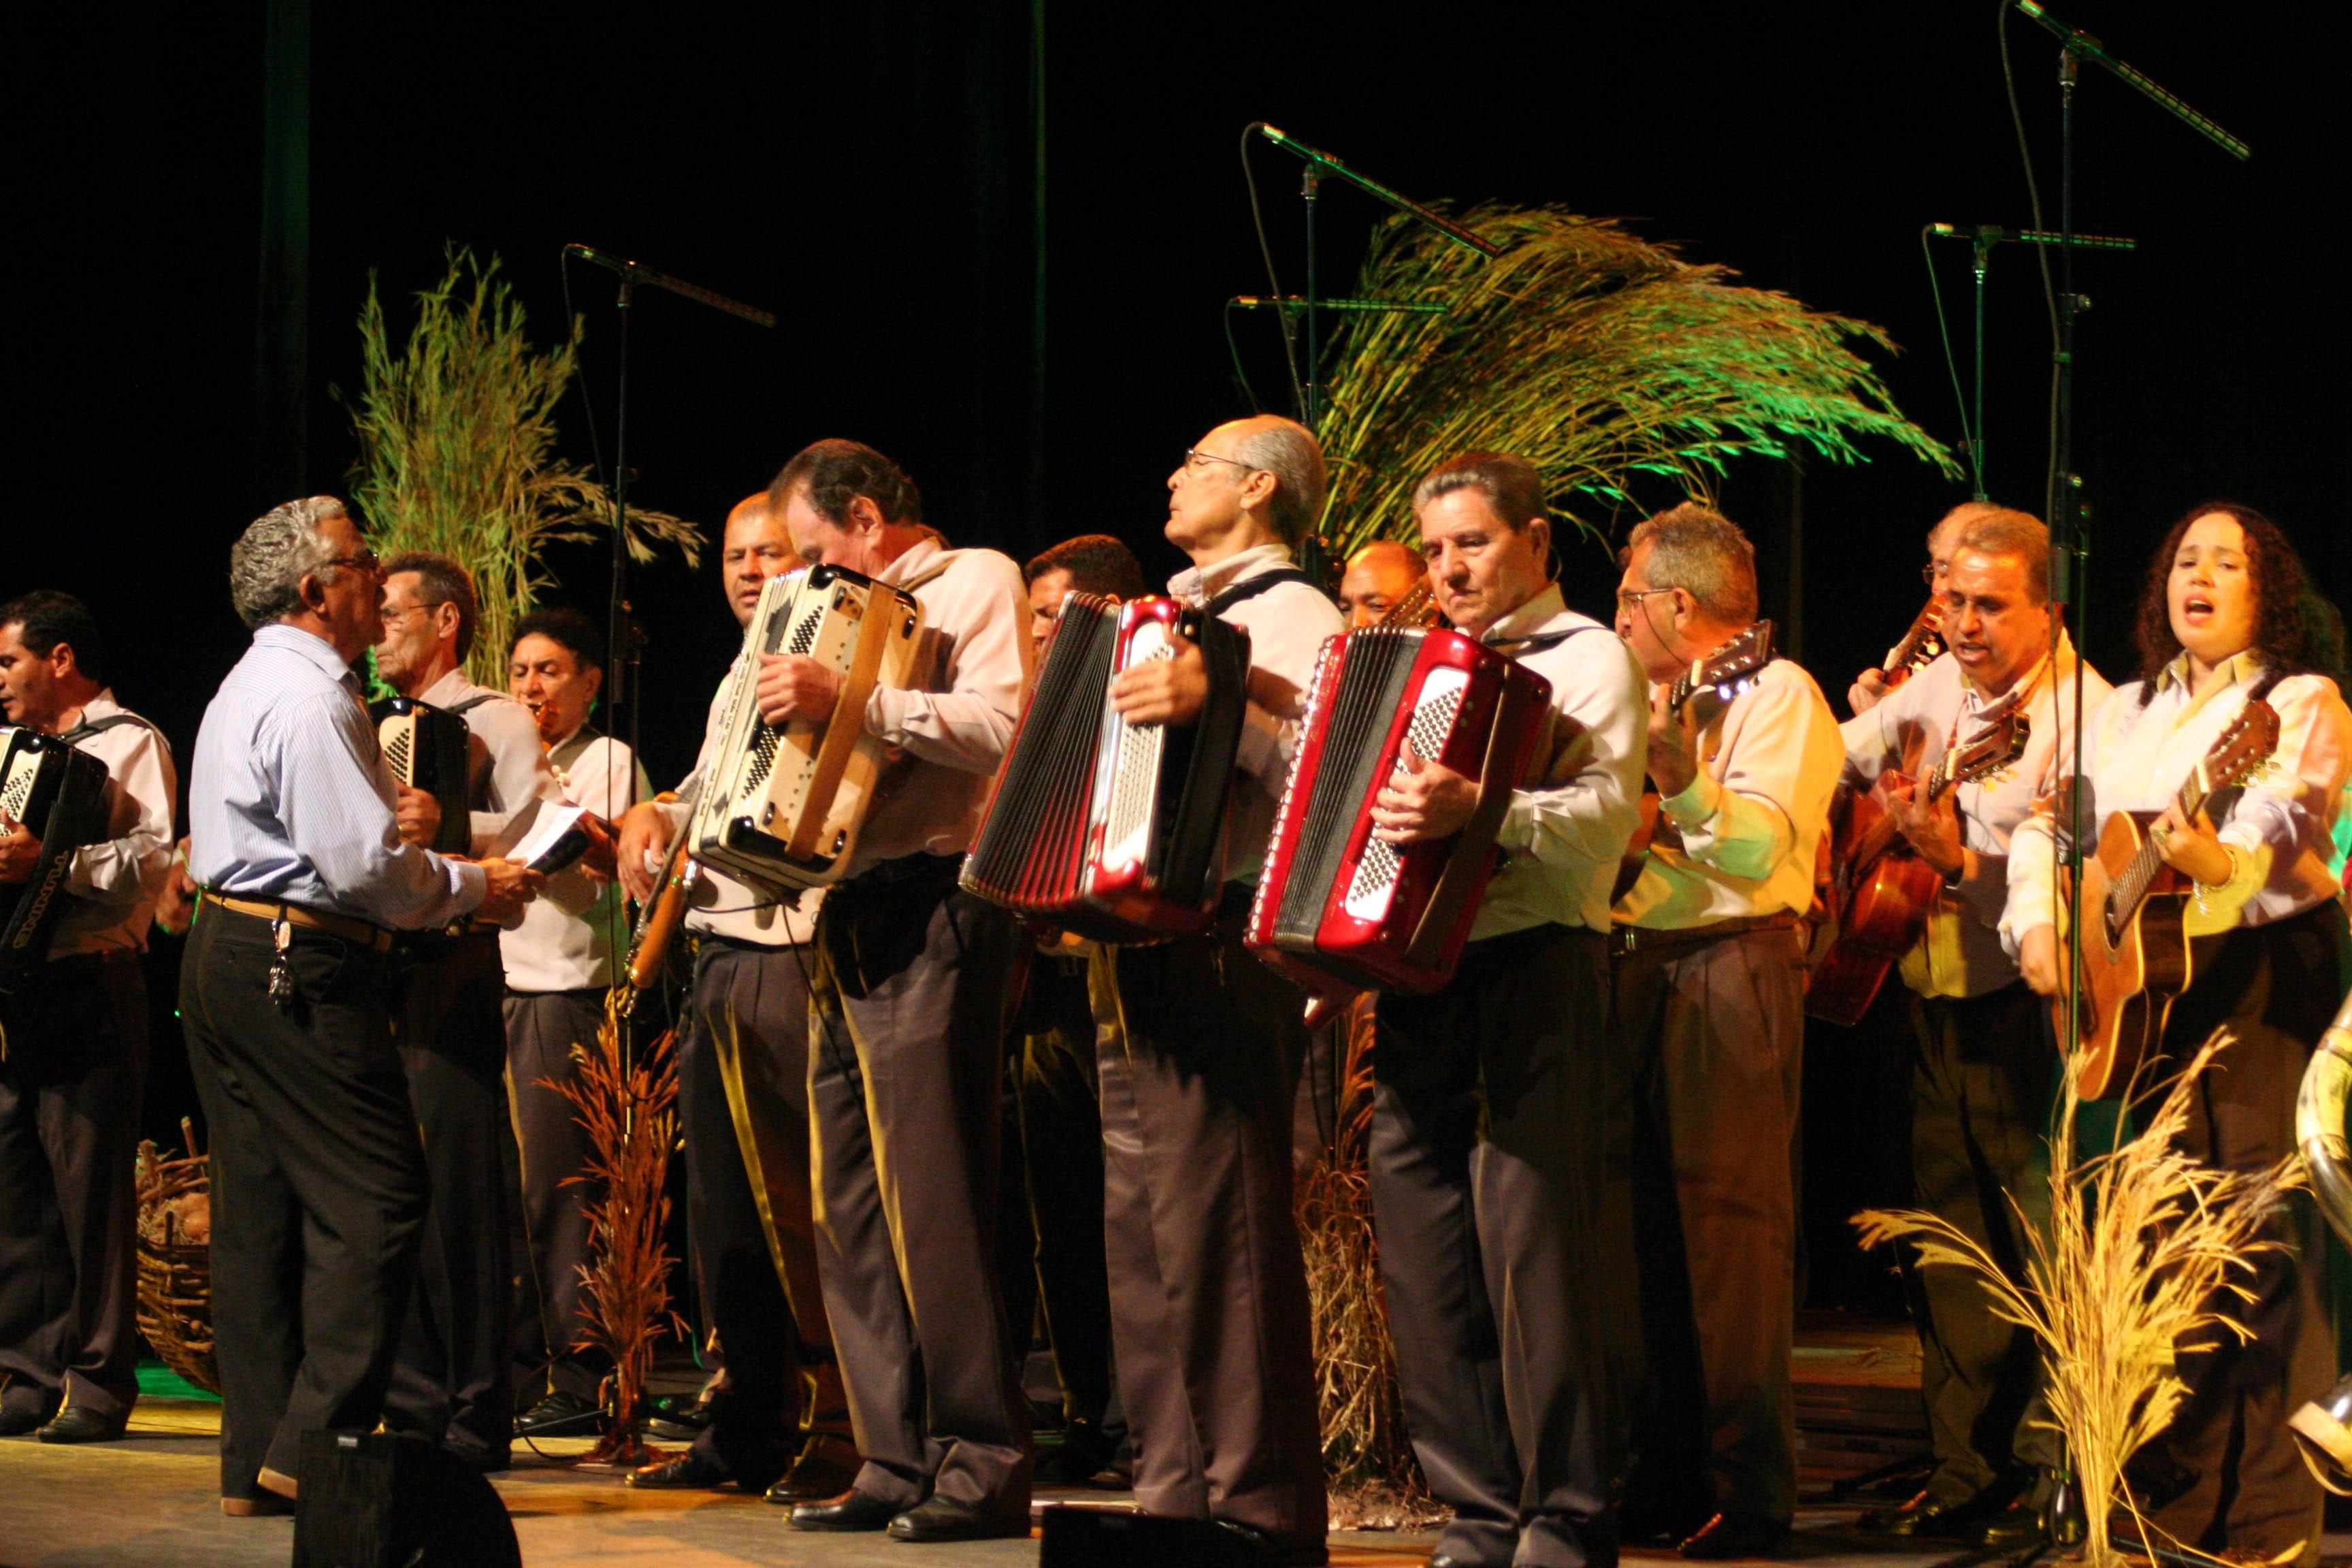 Orquestra de Violeiros de Goiás apresenta clássicos da música brasileira